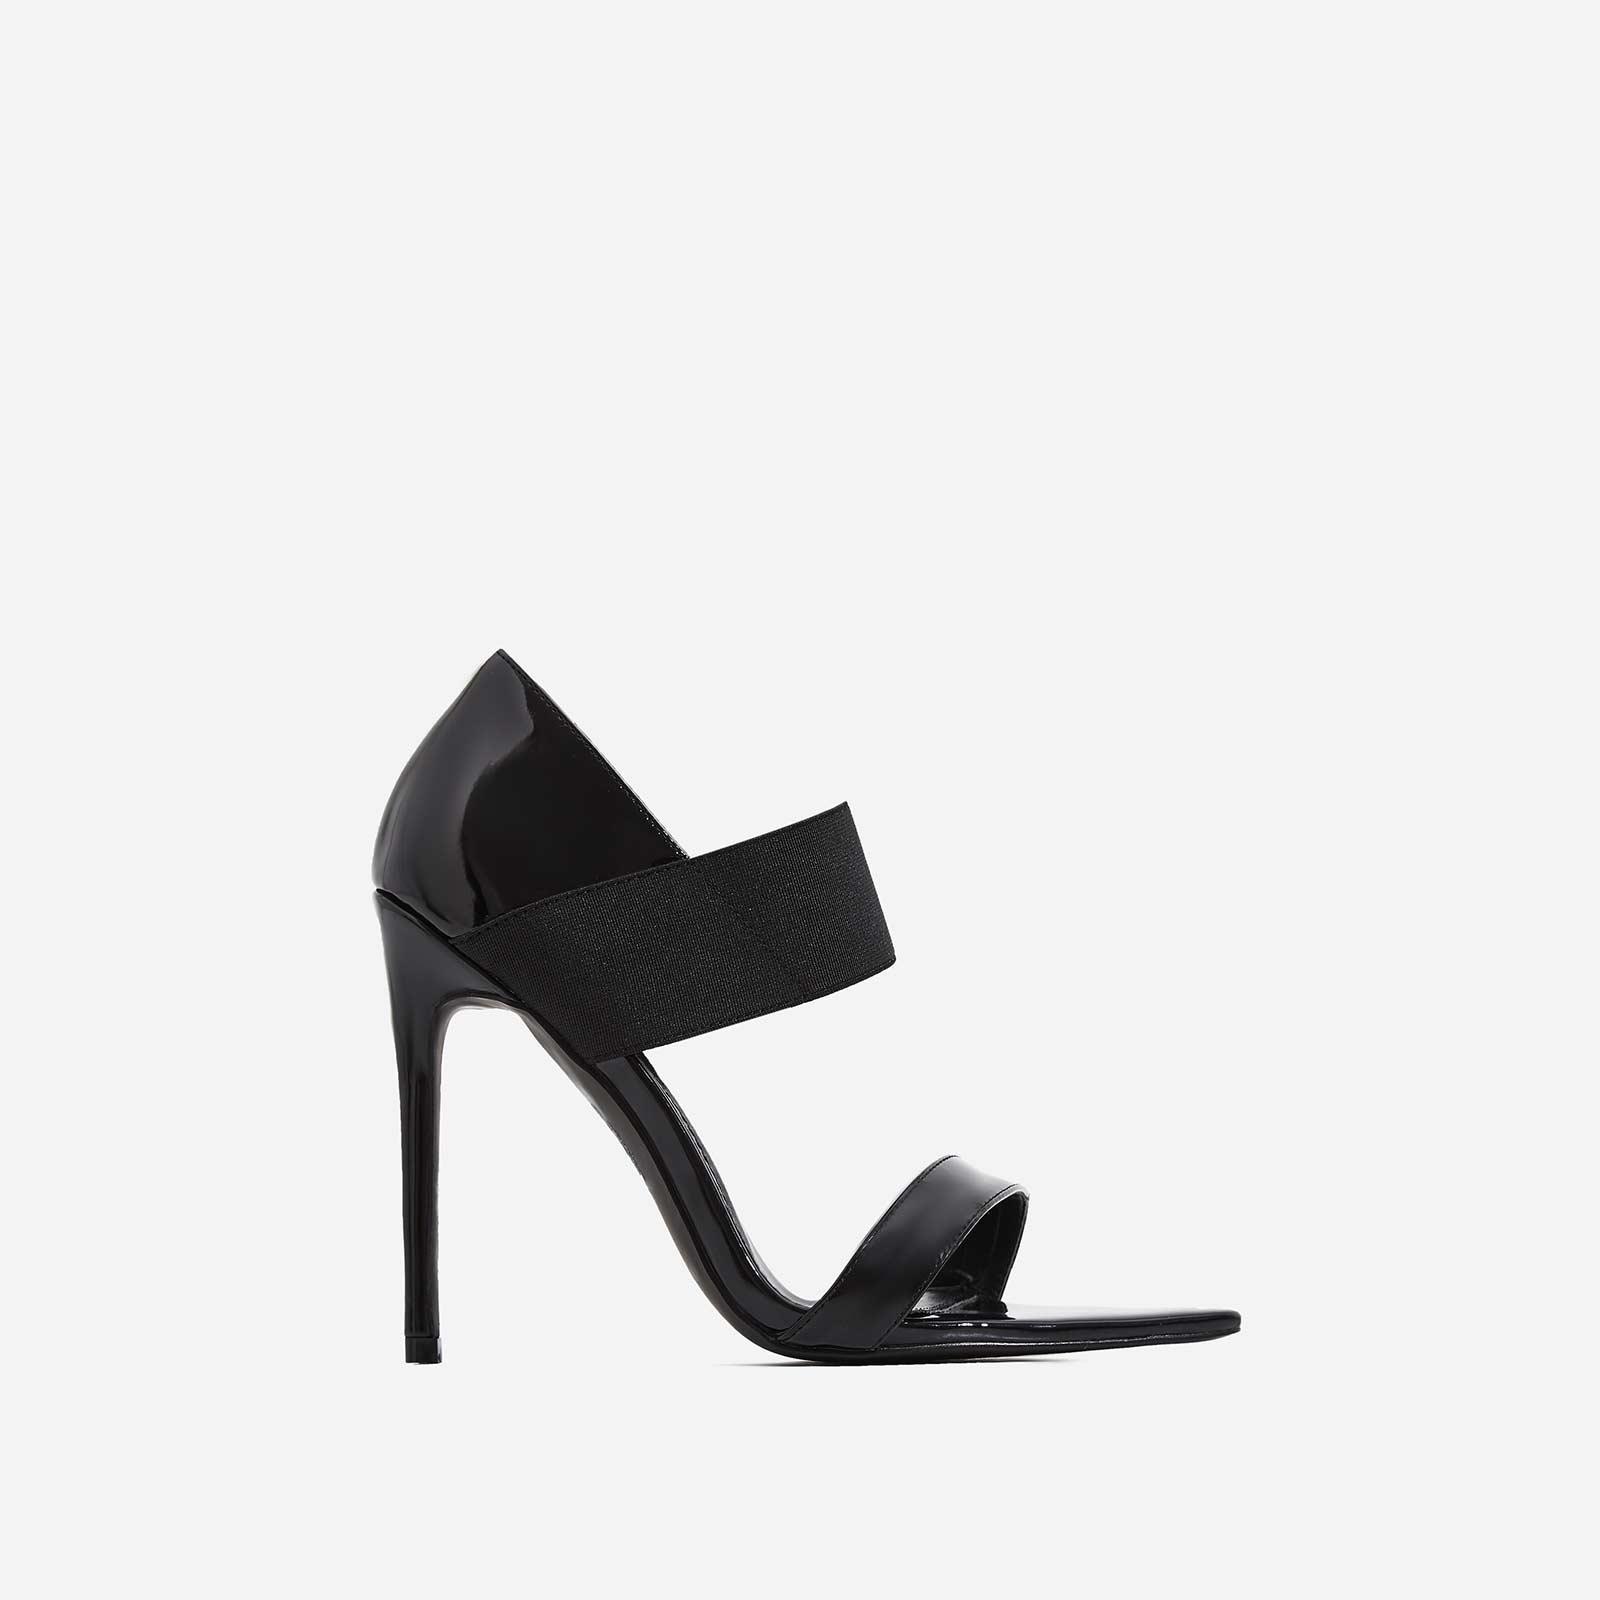 Erika Elasticated Pointed Peep Toe Heel In Black Patent